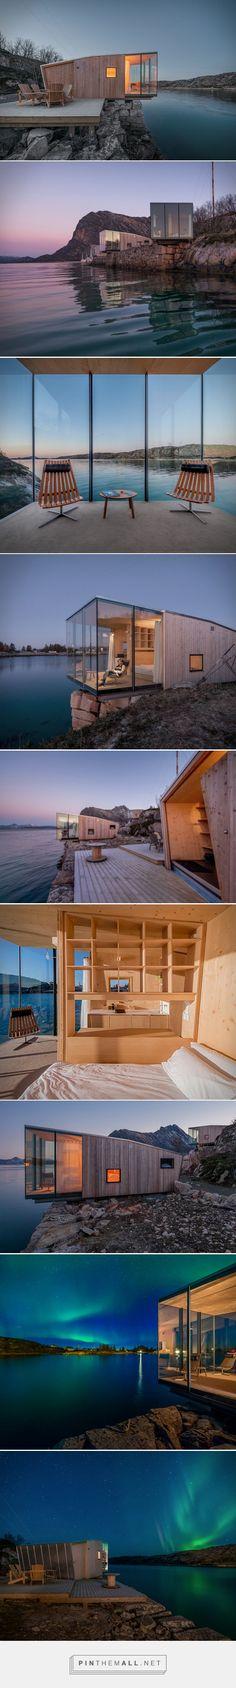 Manshausen Island Resort - created via https://pinthemall.net